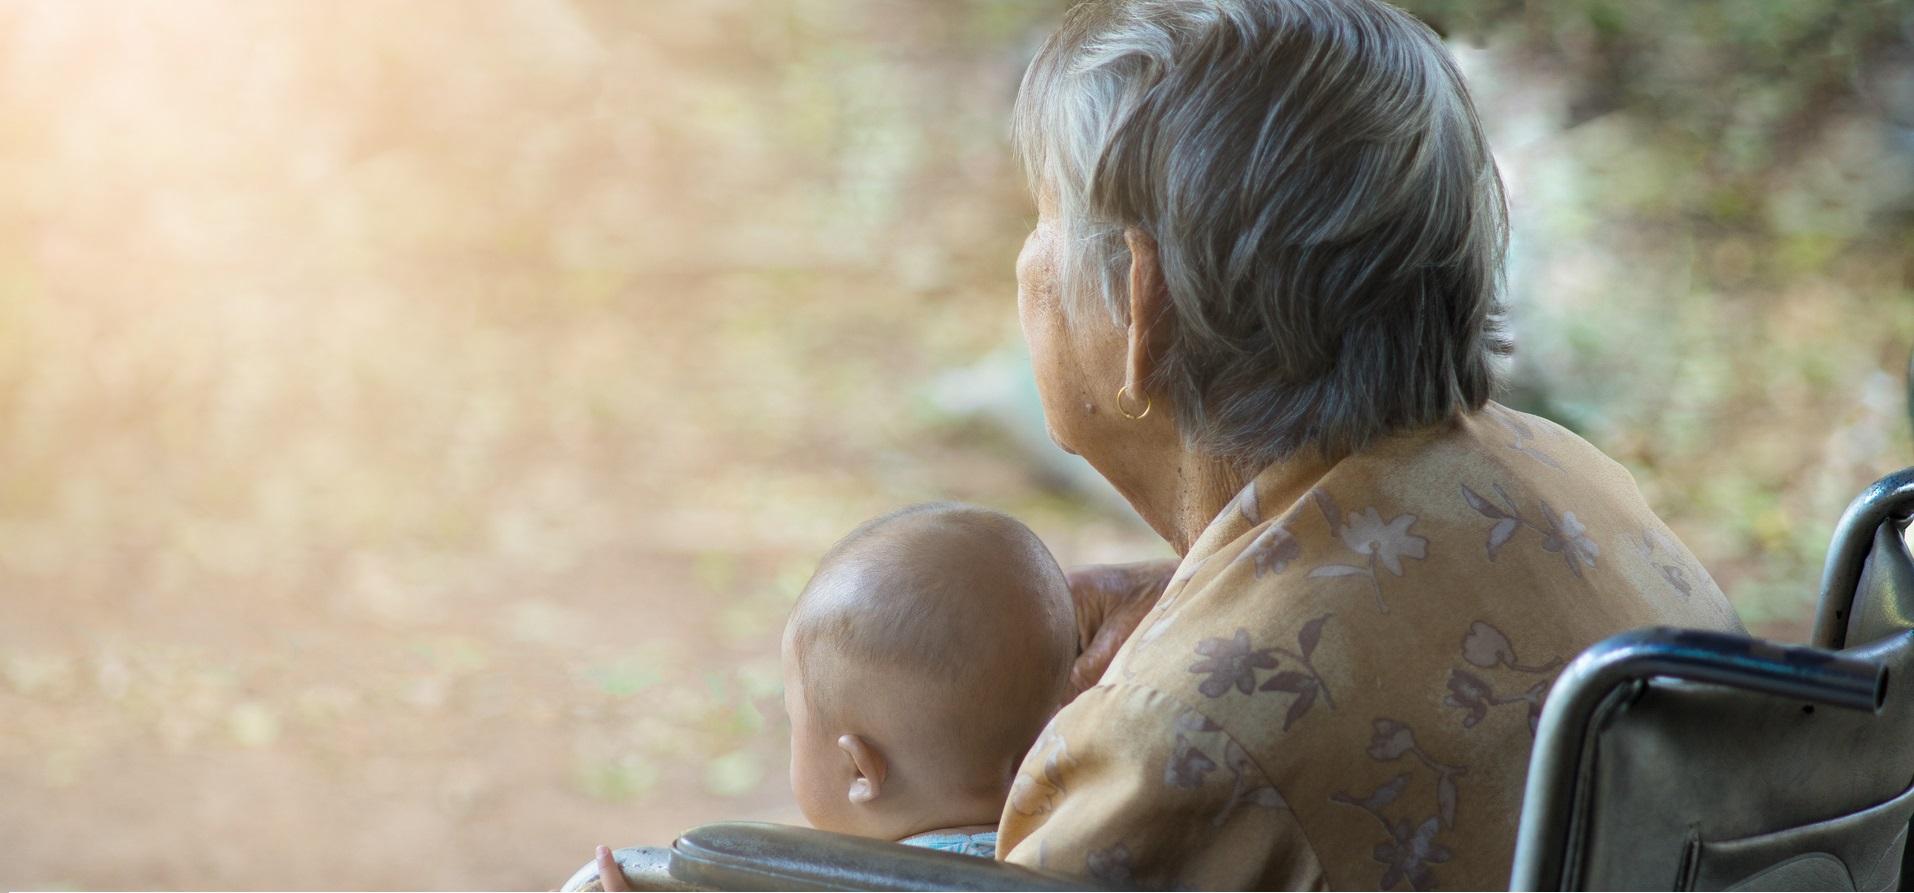 安寧醫師的觀察:從沒想過,三歲孩子能與失智老人成為好友